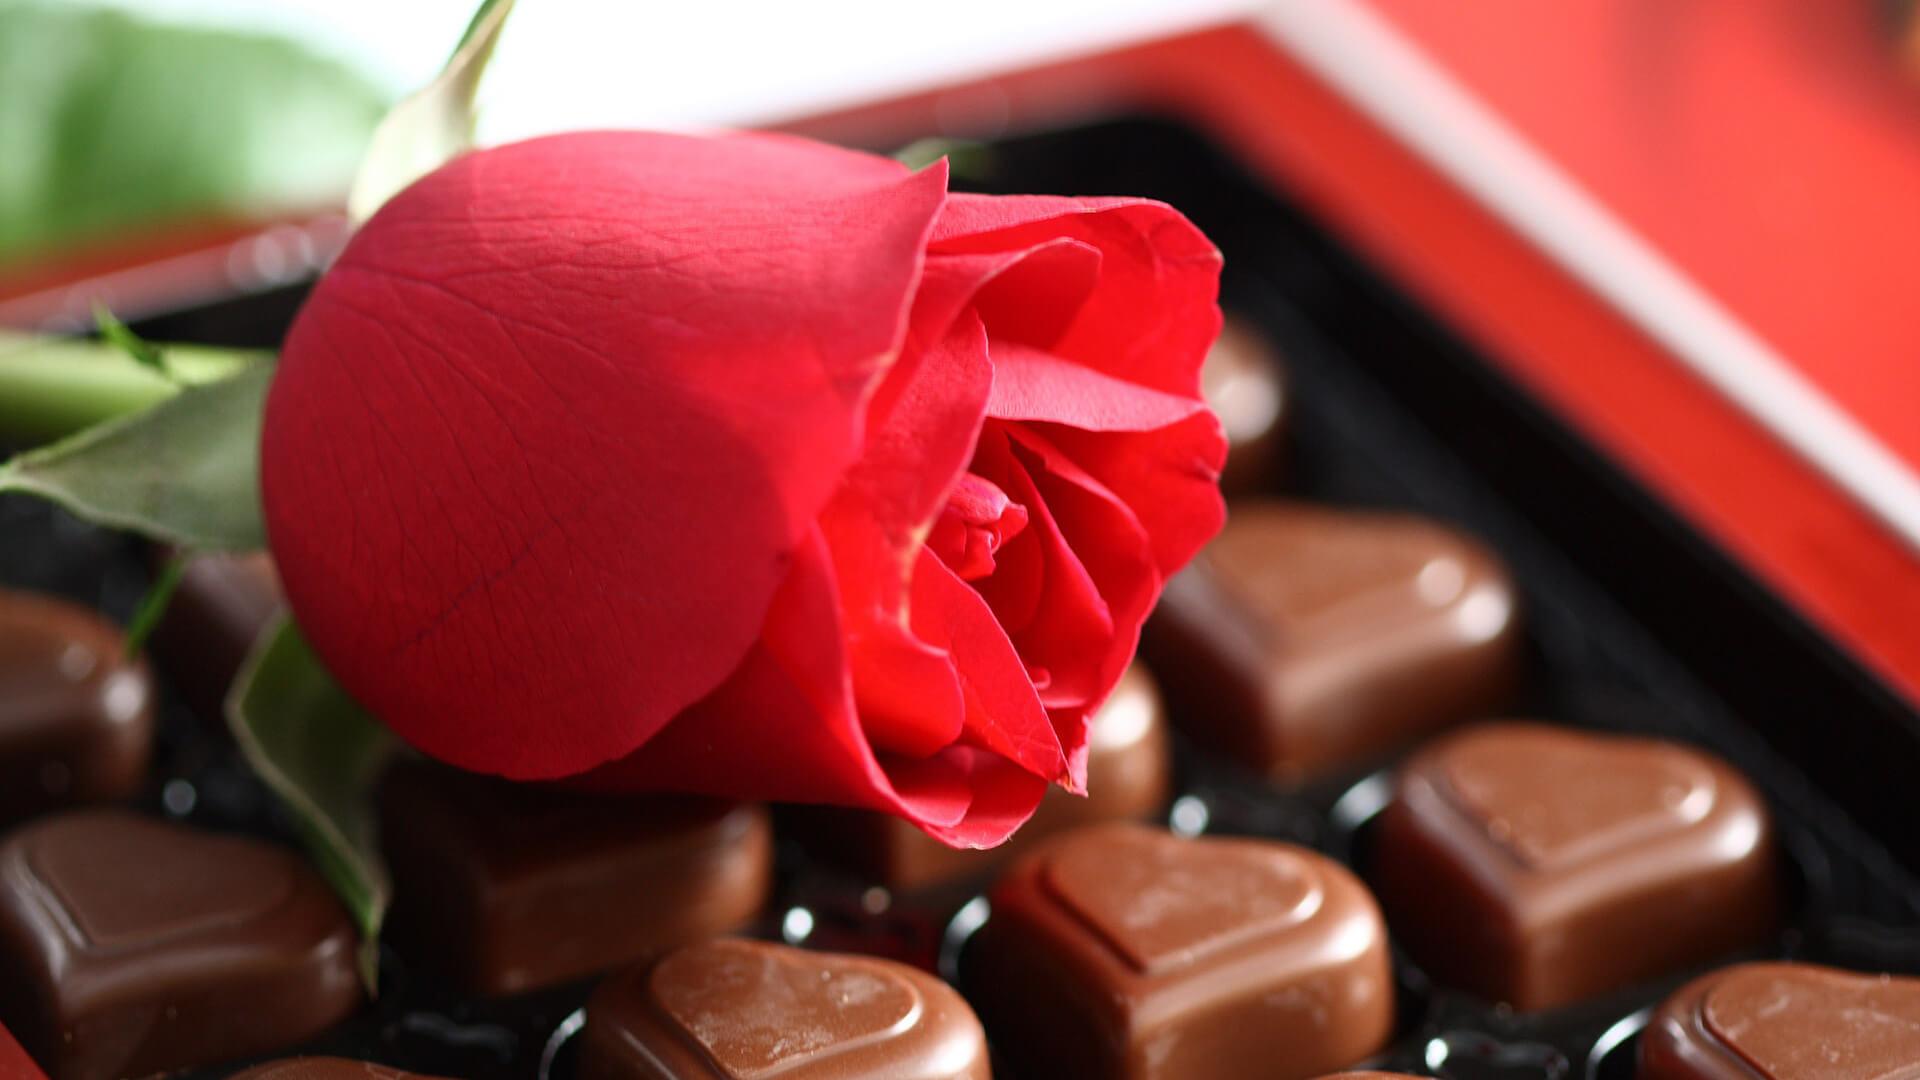 Милые и романтические картинки для любимой - скачать (20 фото) 1